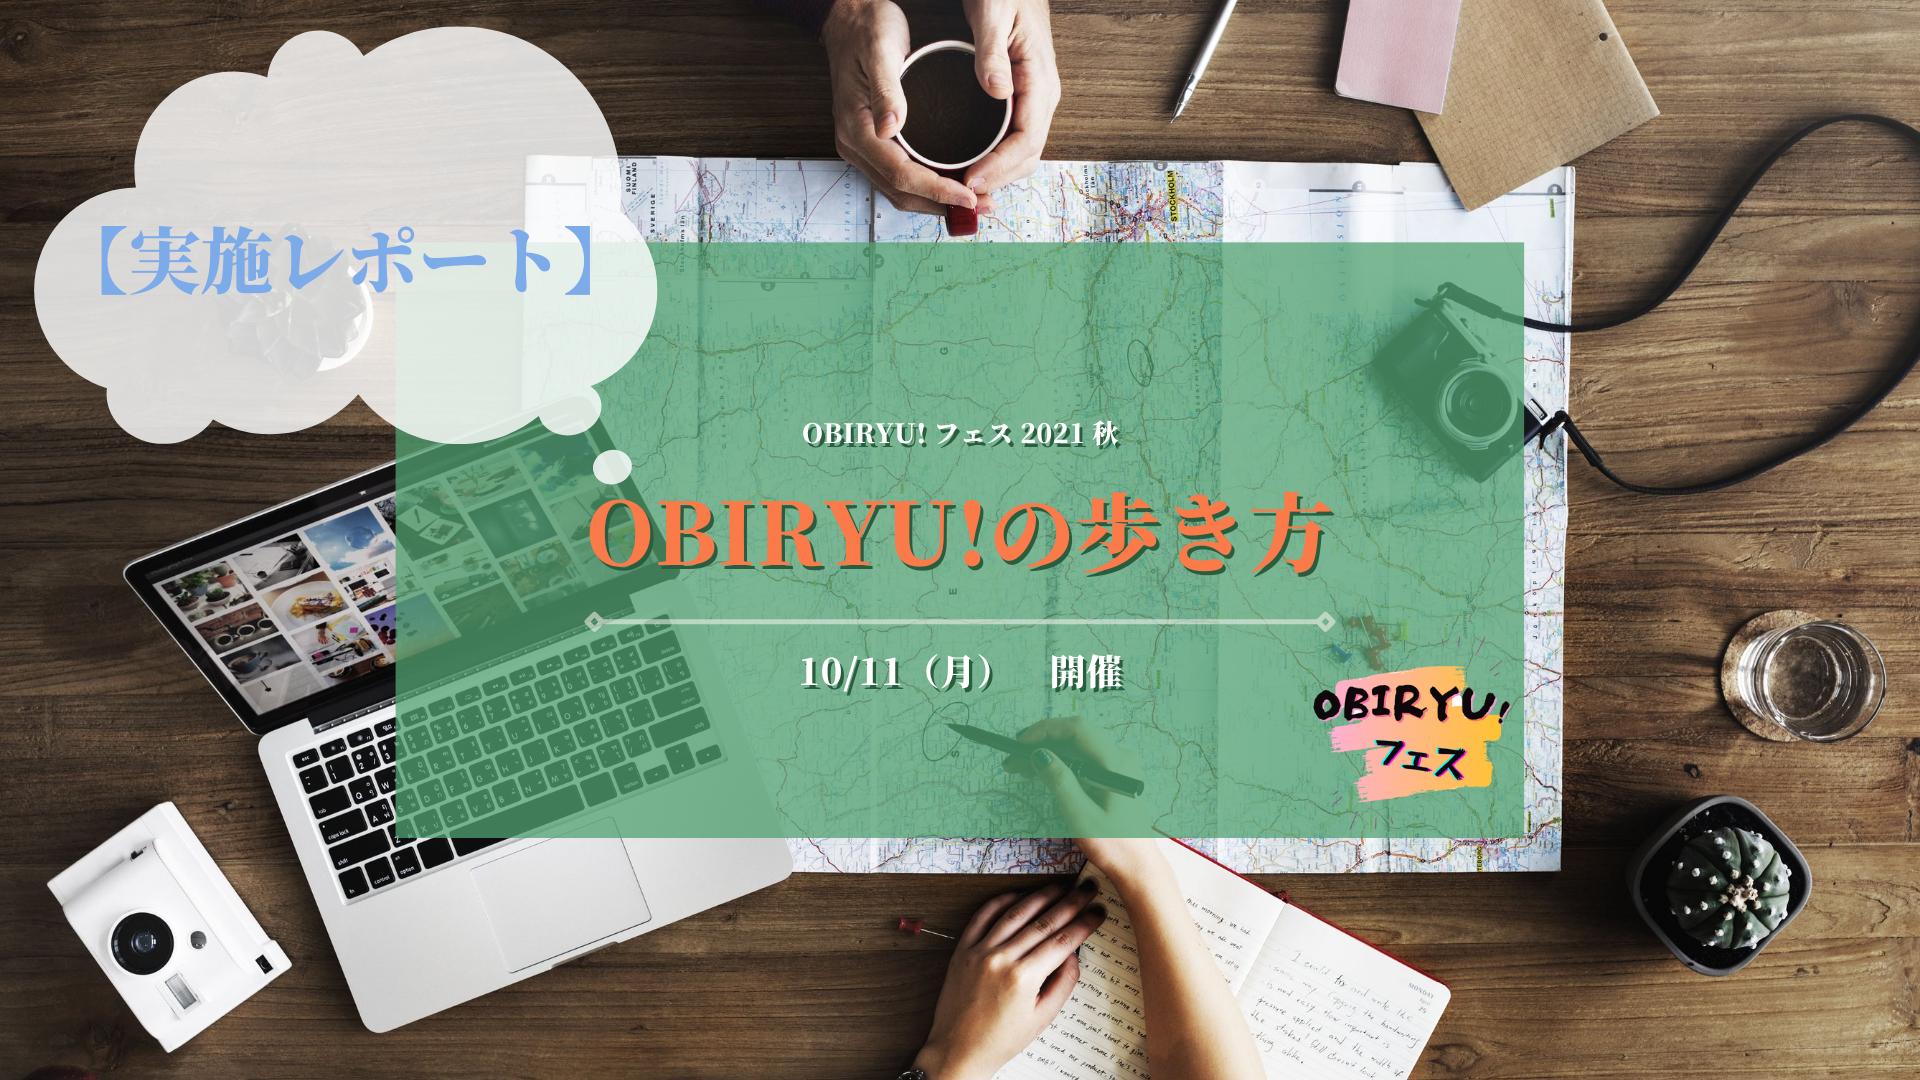 【実施レポ】10/11   OBIRYU!の歩き方